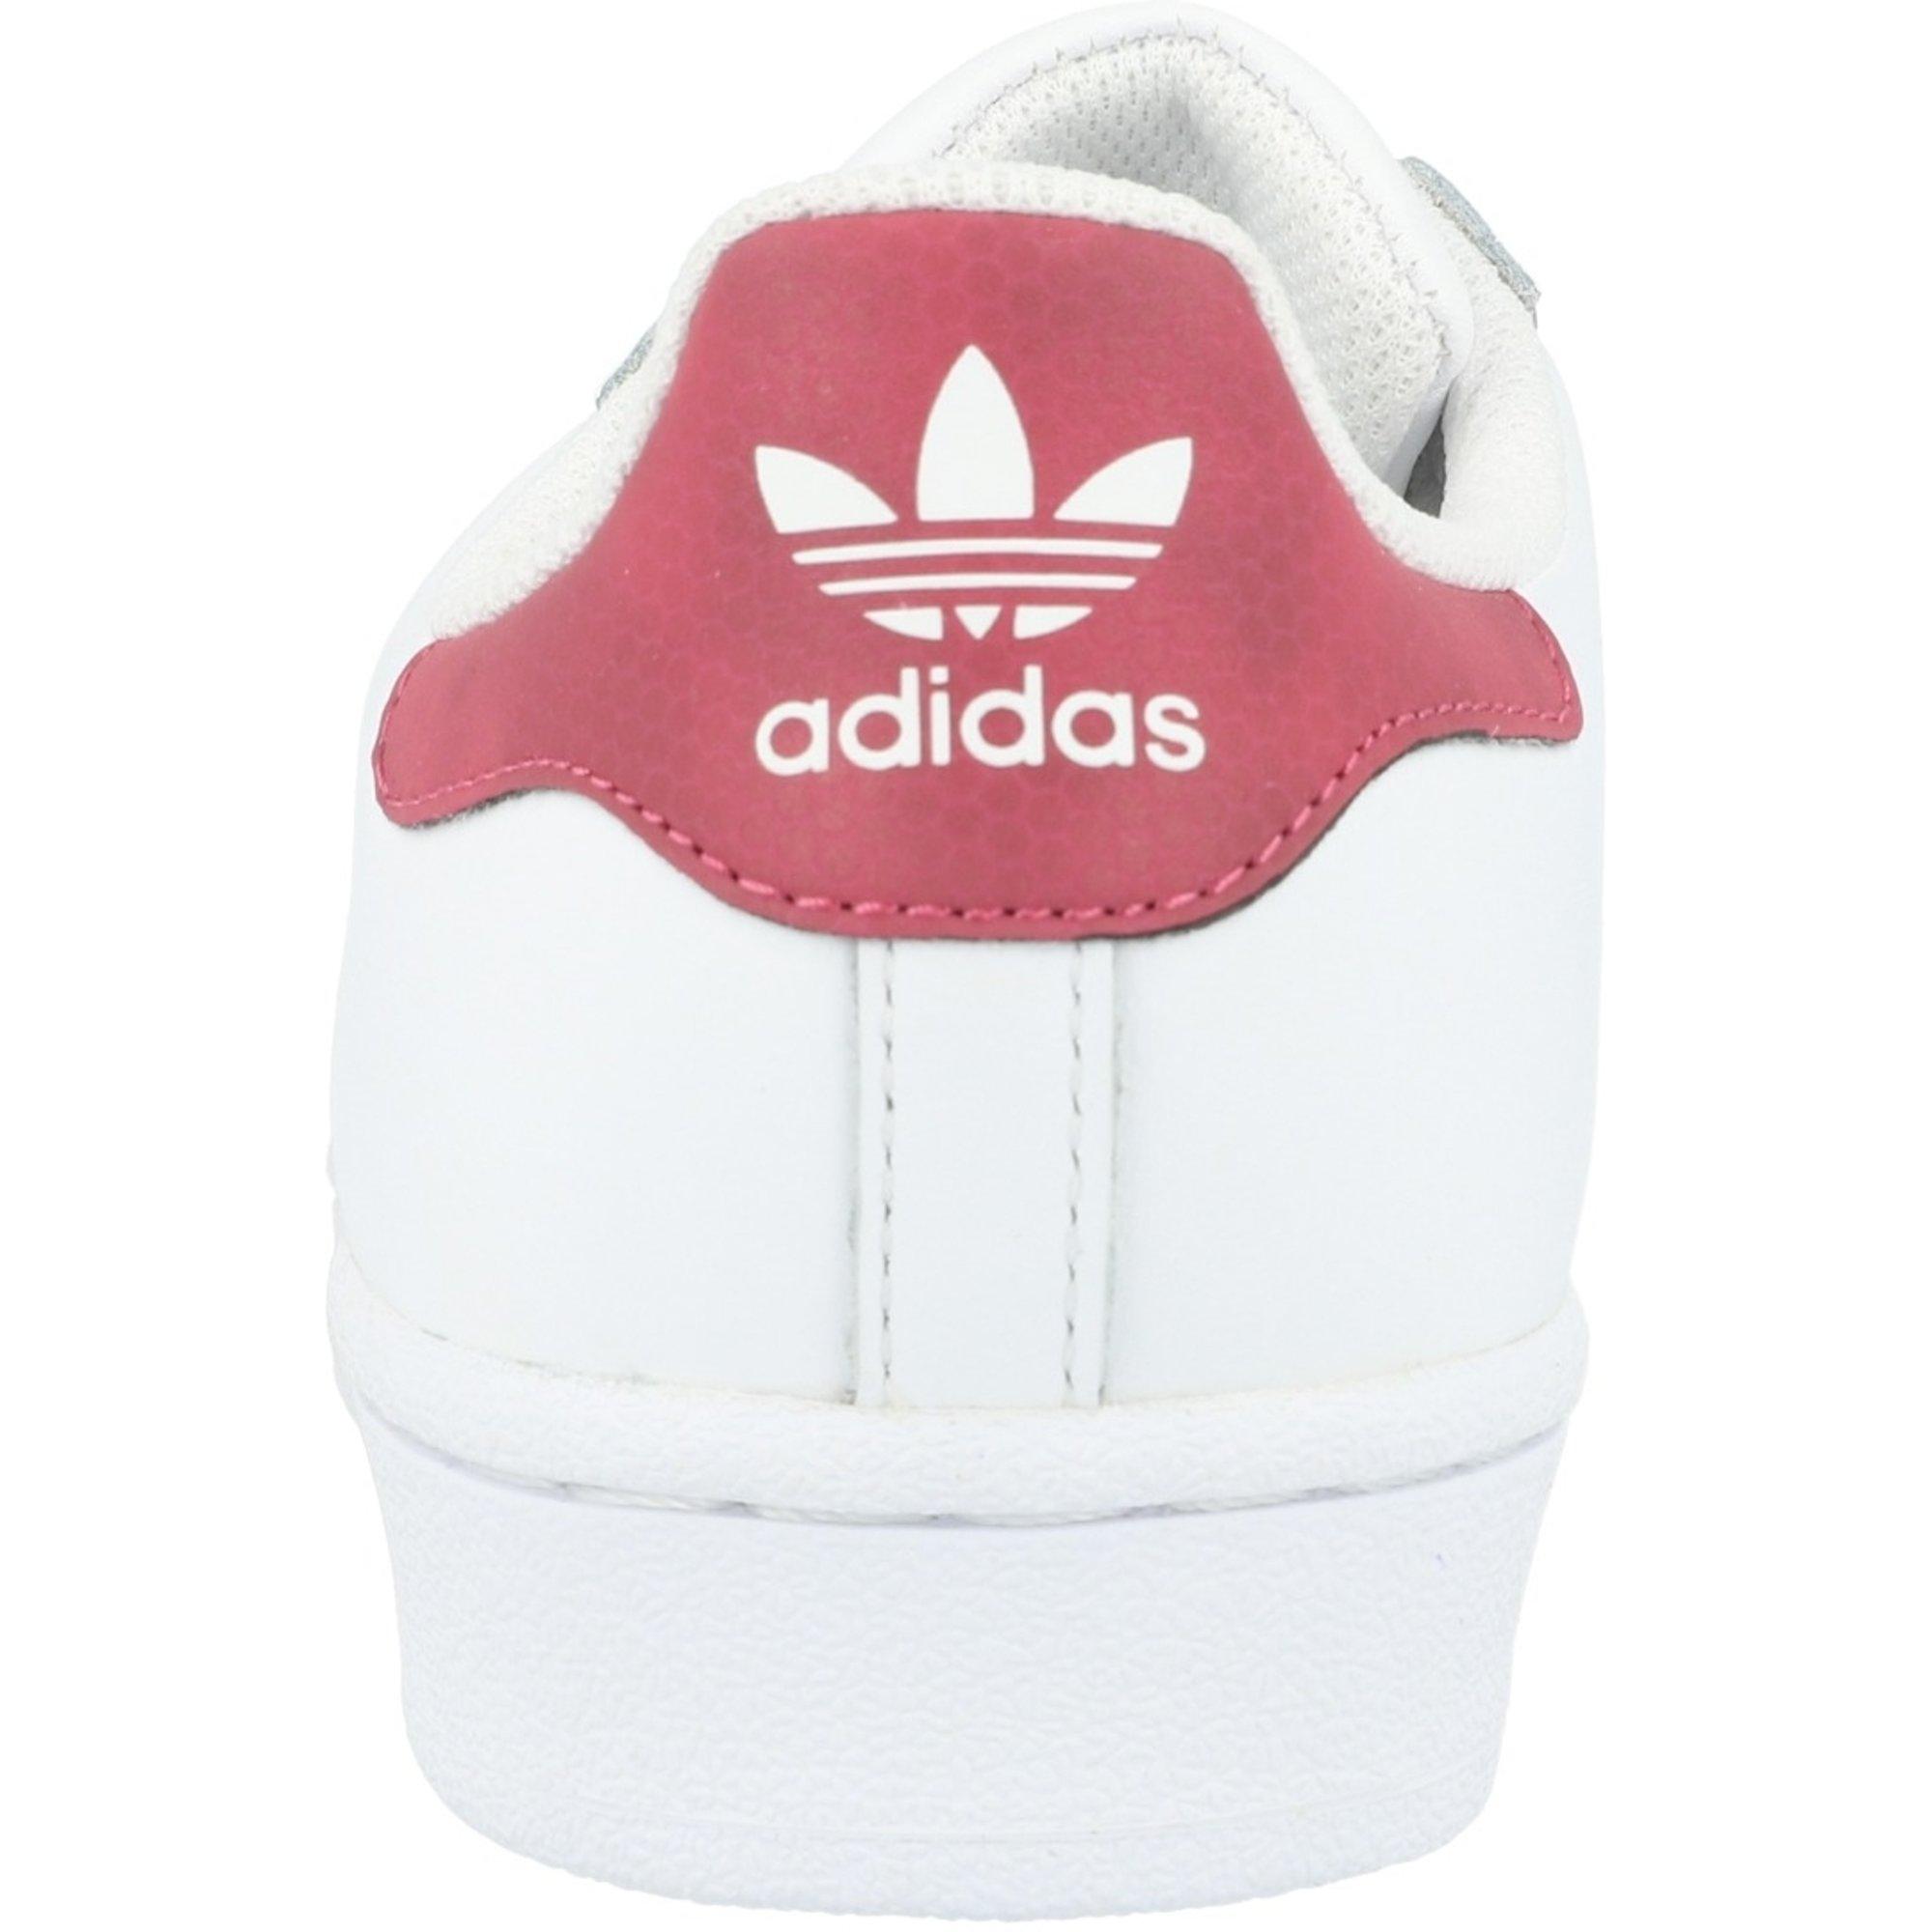 adidas Originals Superstar White/Dark Pink Leather